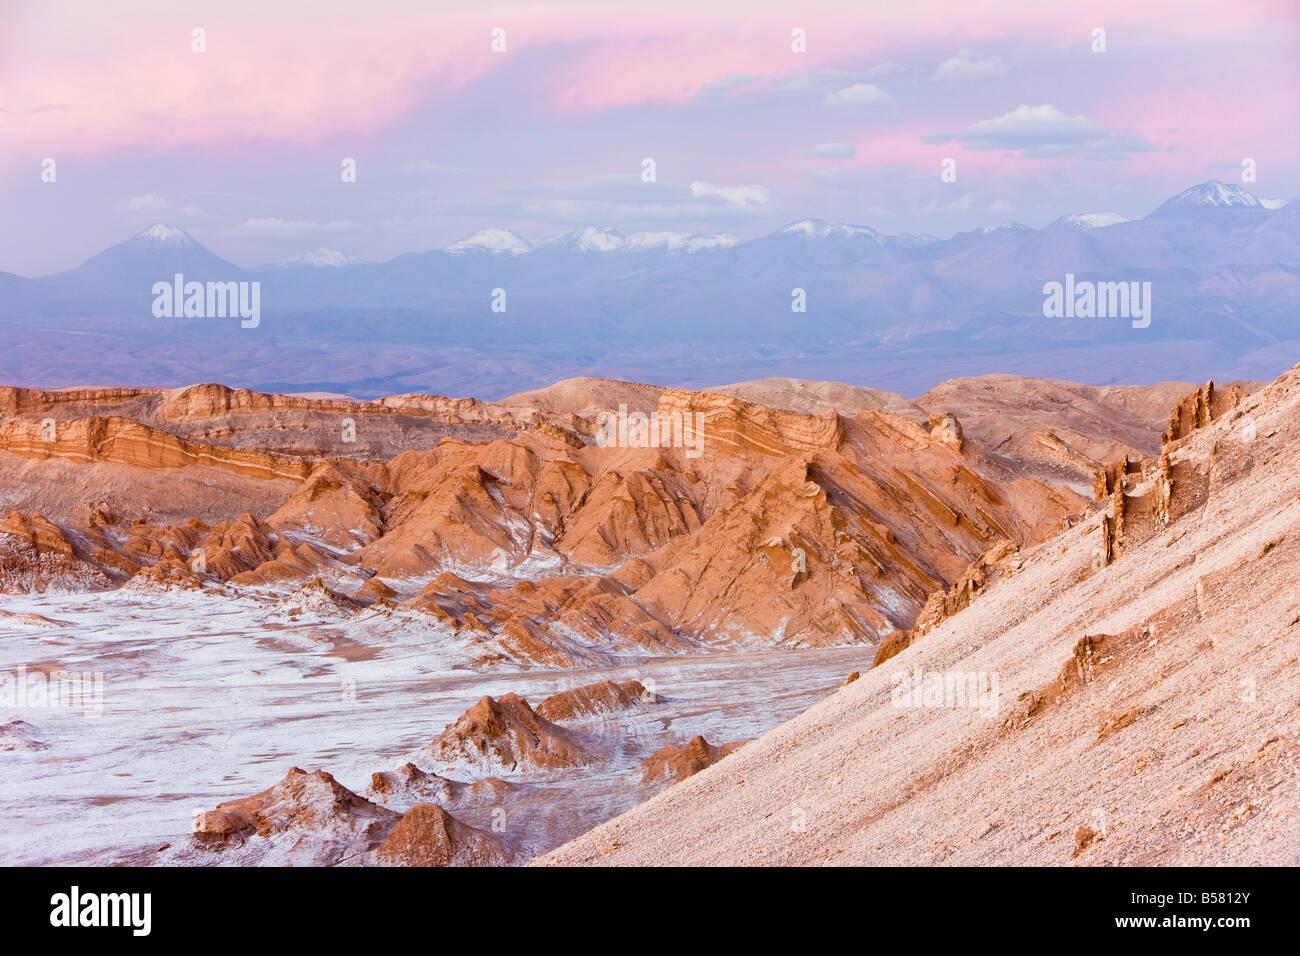 Valle de la Luna (a valle della luna), il Deserto di Atacama, Norte Grande, Cile, Sud America Immagini Stock